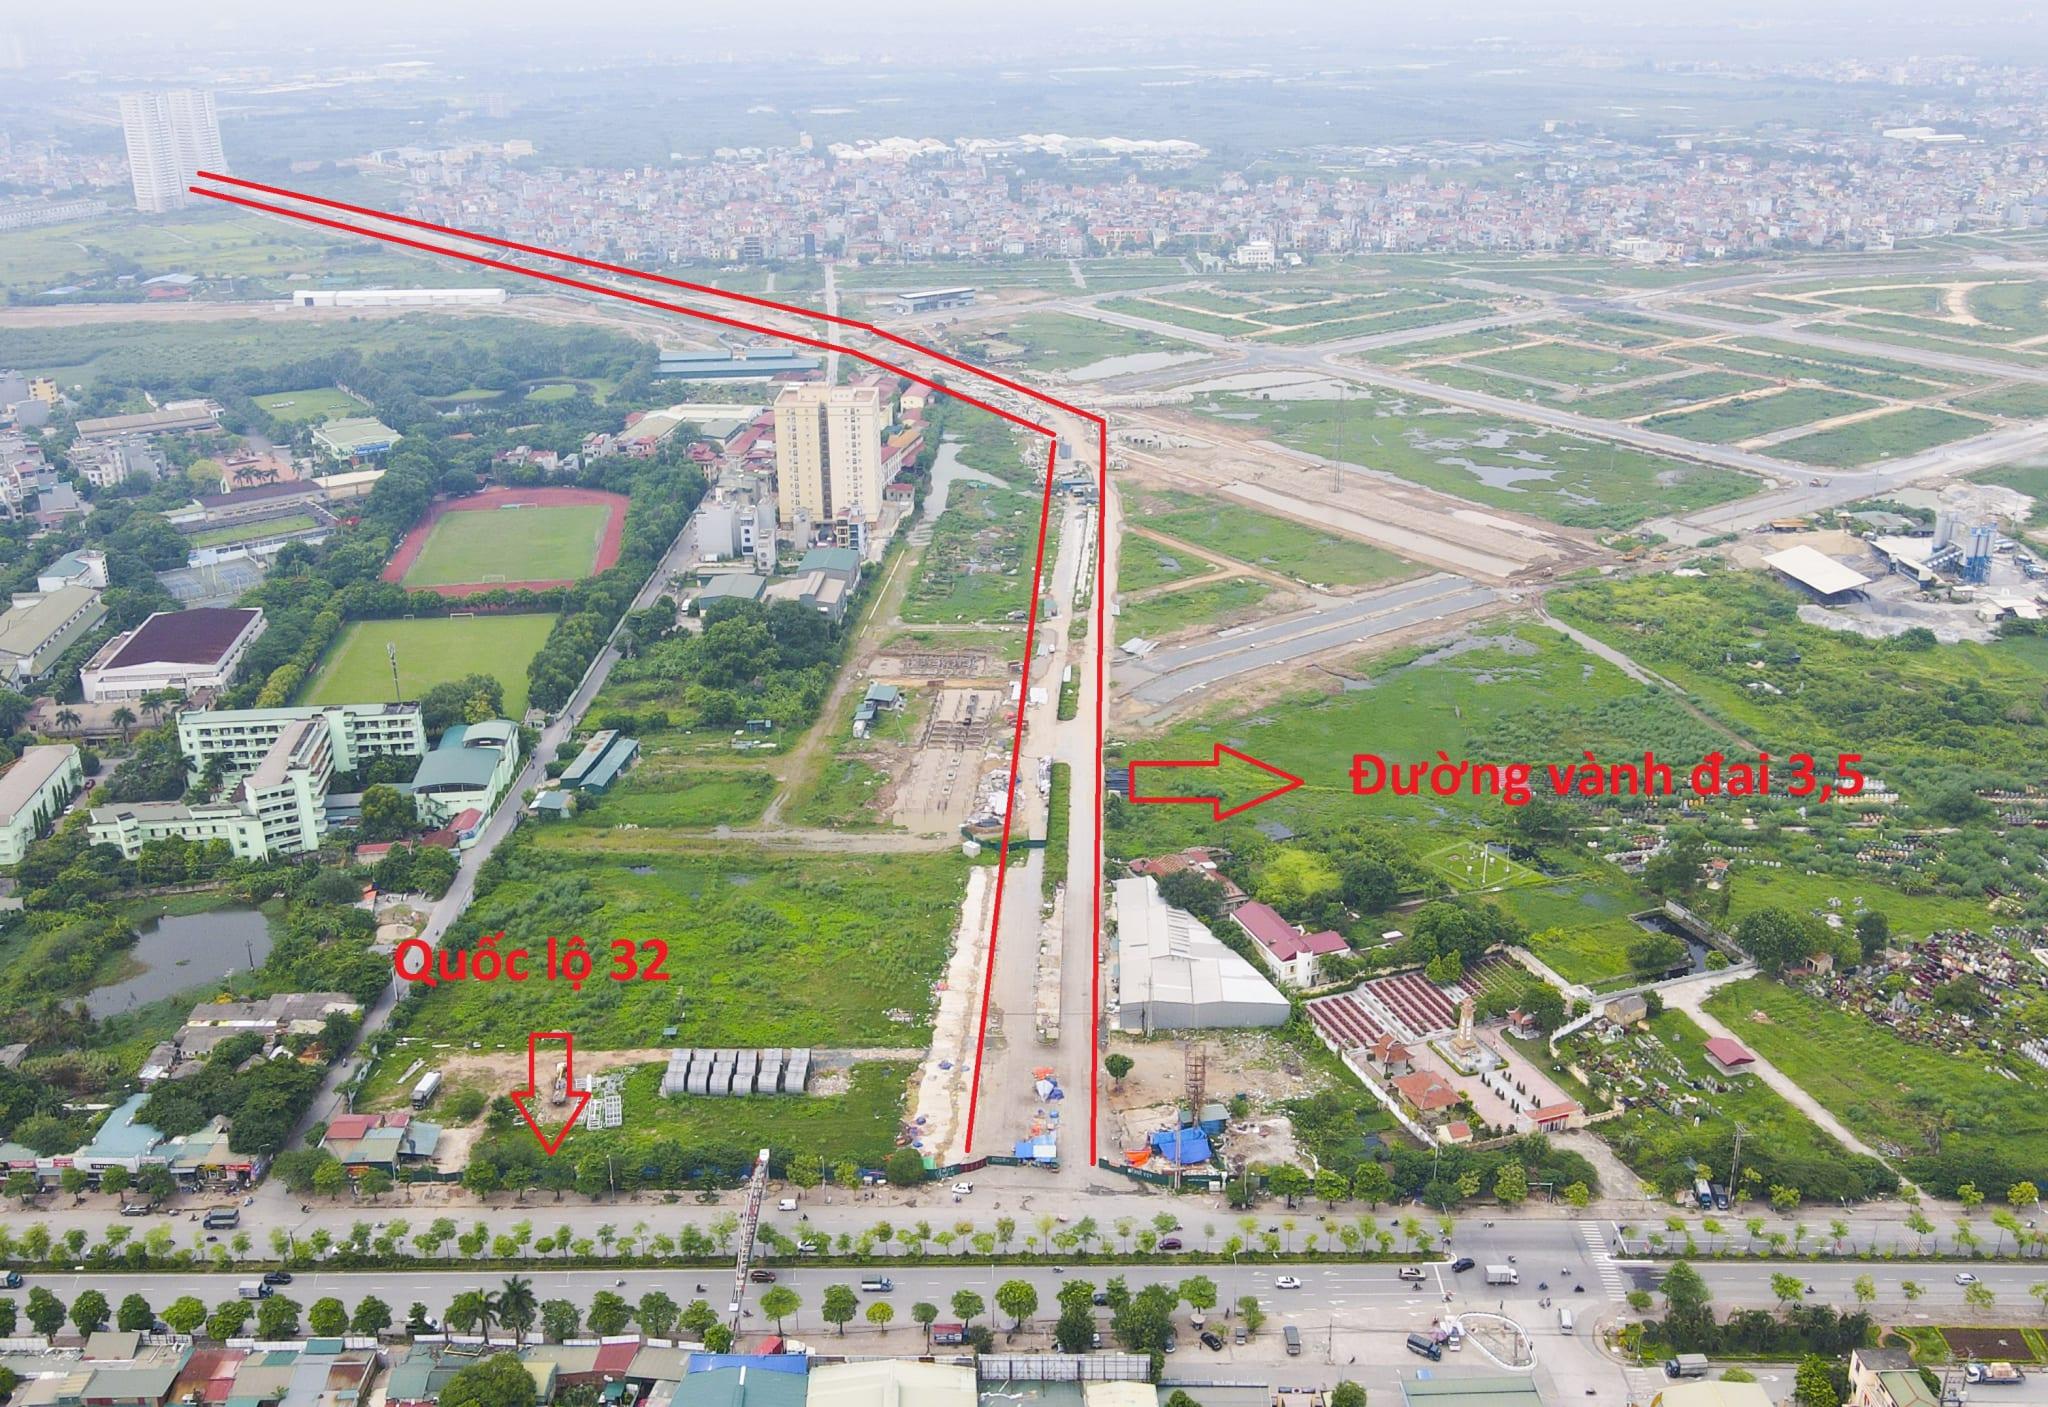 Cuối tuyến giao với đường 32 đoạn qua cổng chào huyện Hoài Đức, đi qua các xã An Khánh, Vân Canh, Di Trạch, Kim Chung